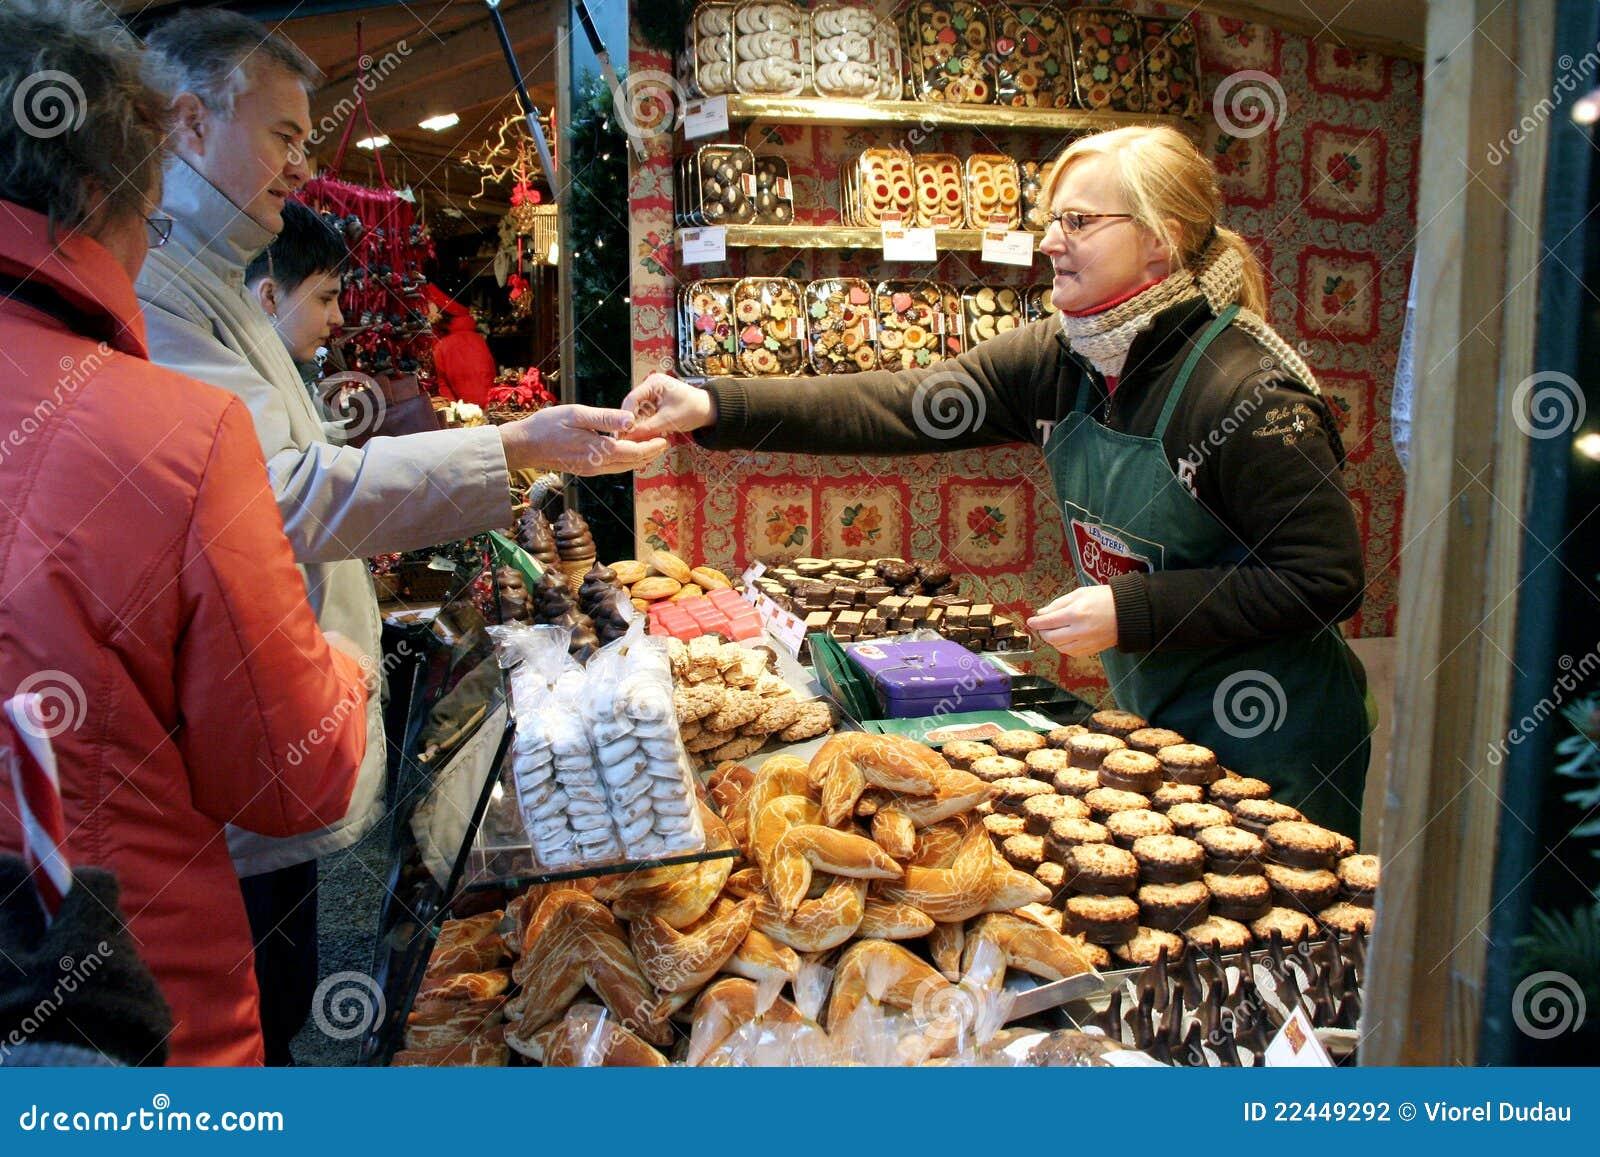 Christkindlmarkt - marché de Noël de Vienne